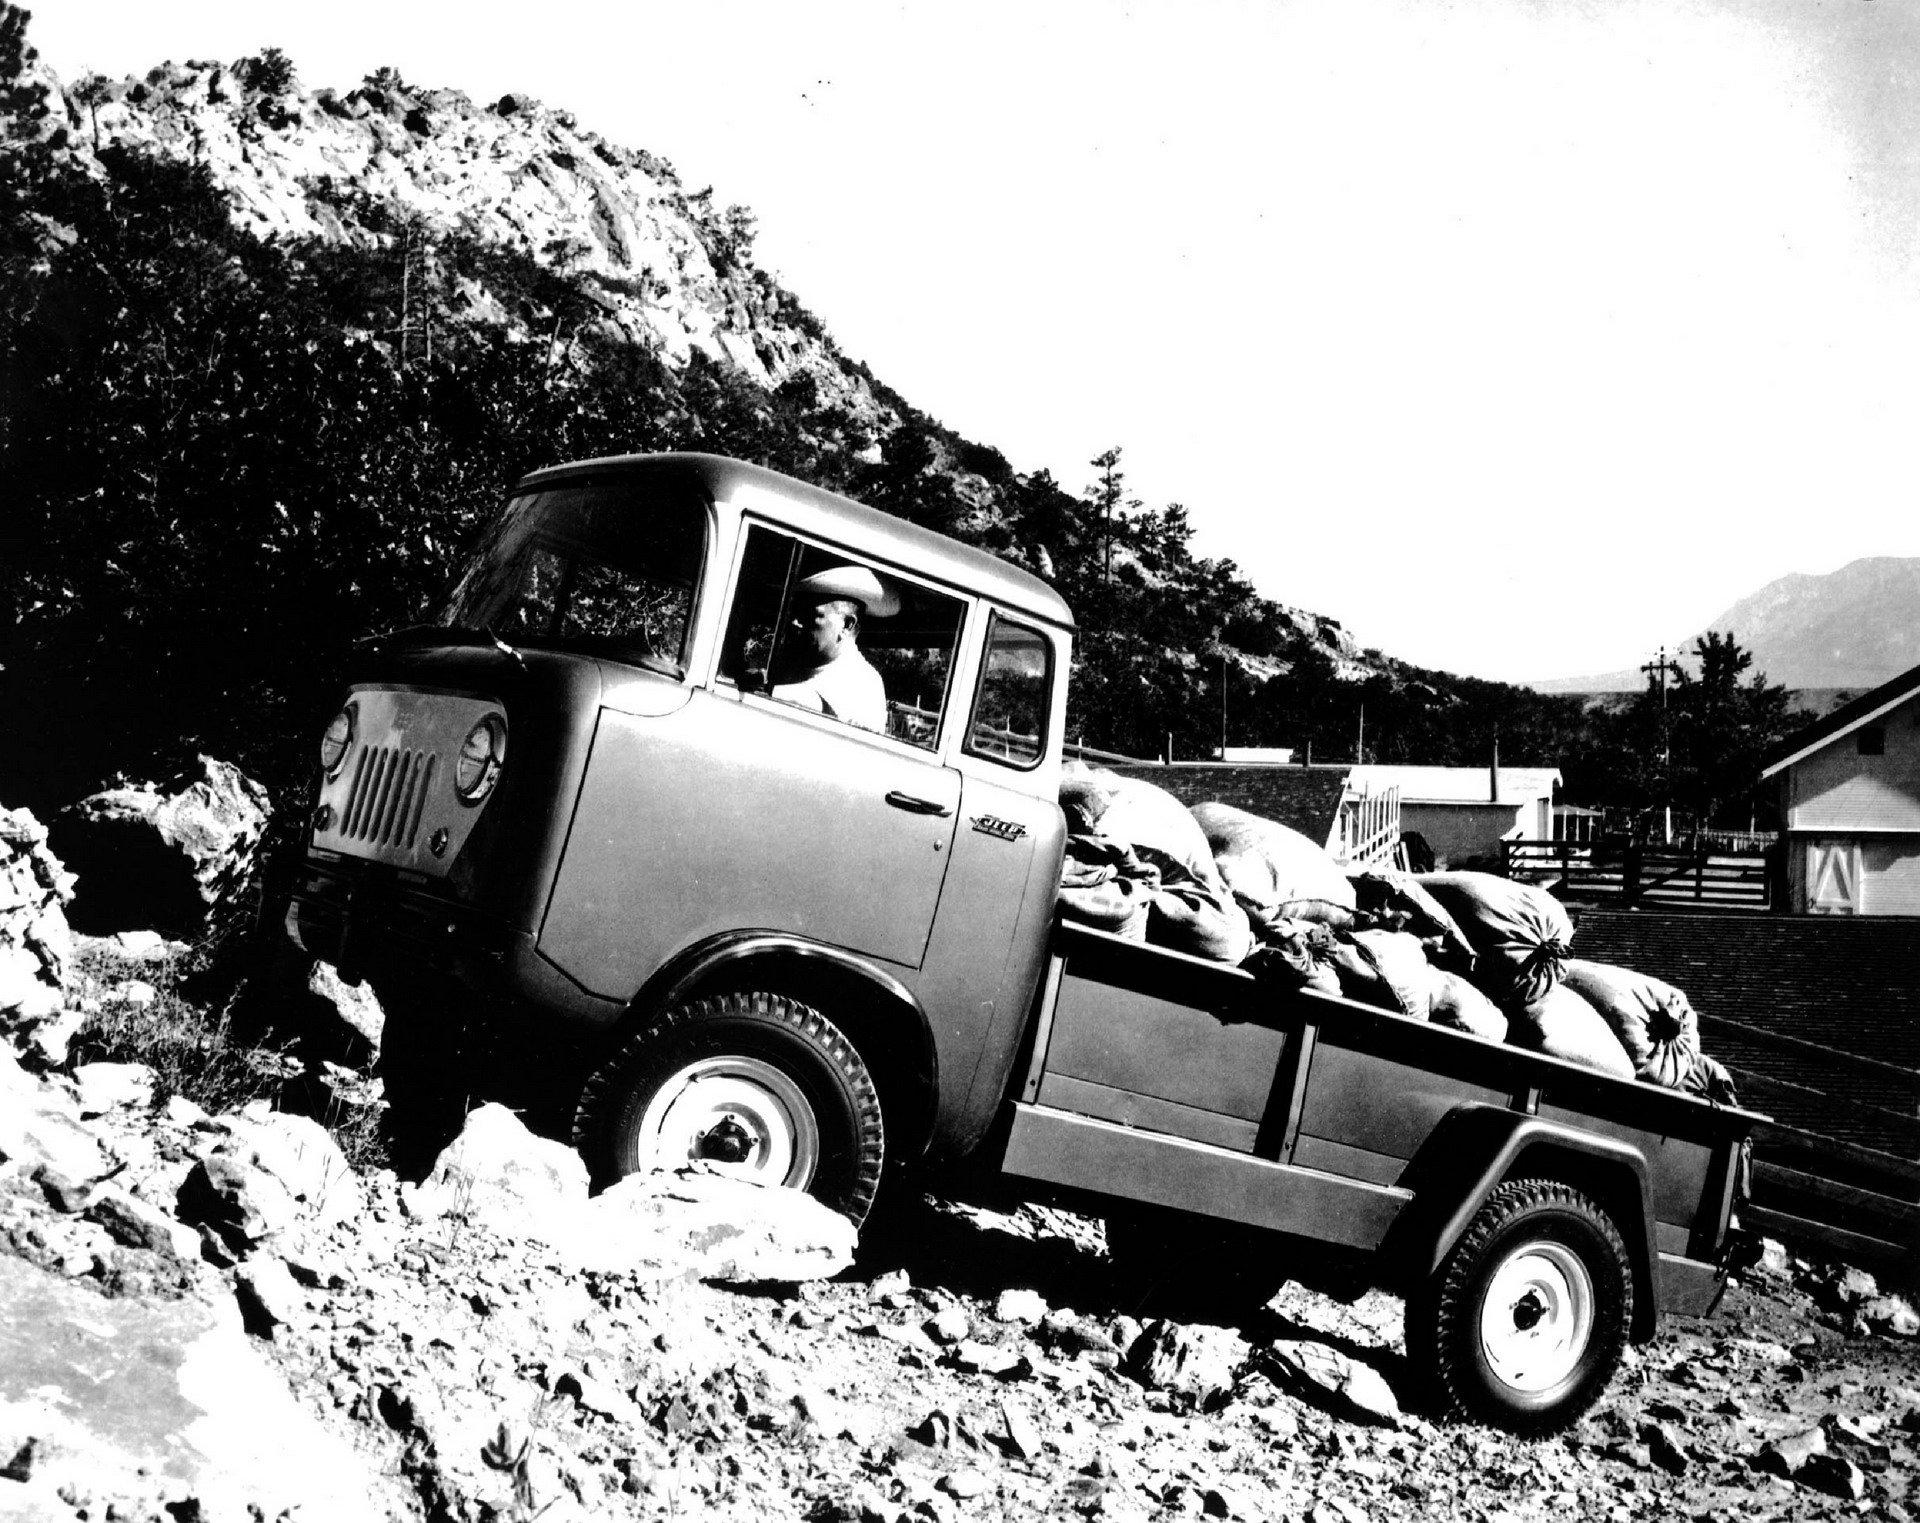 Jeep Gladiator 2019 (217)